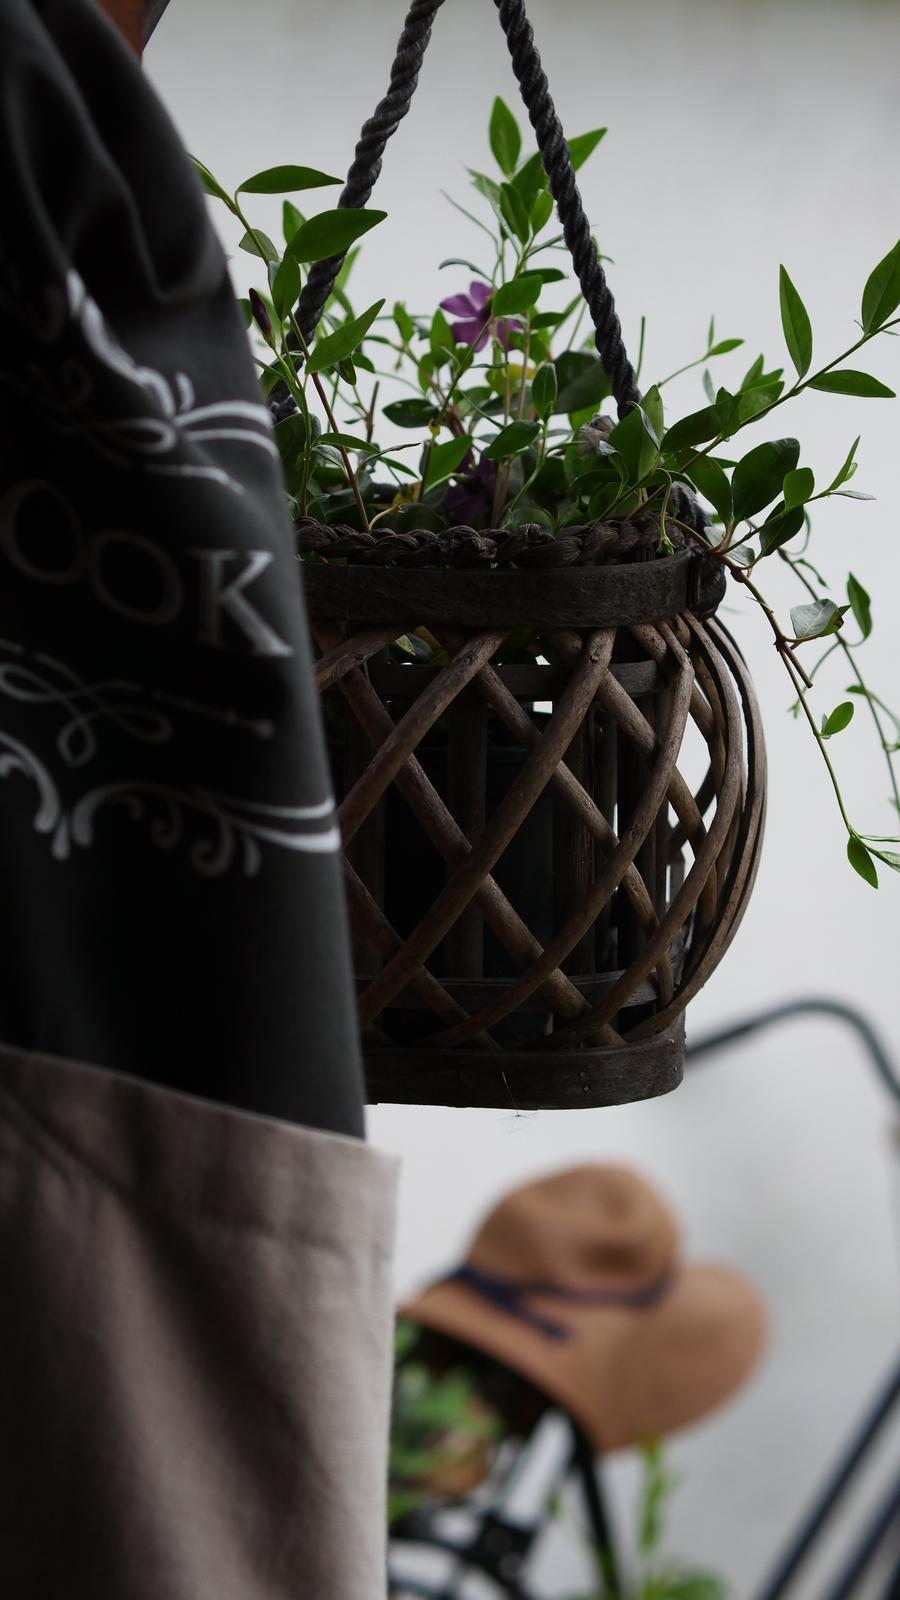 Náš domček ♡ Bramasole ♡ ... Stilo interiér aj exteriér 3. rok bývania - Obrázok č. 73